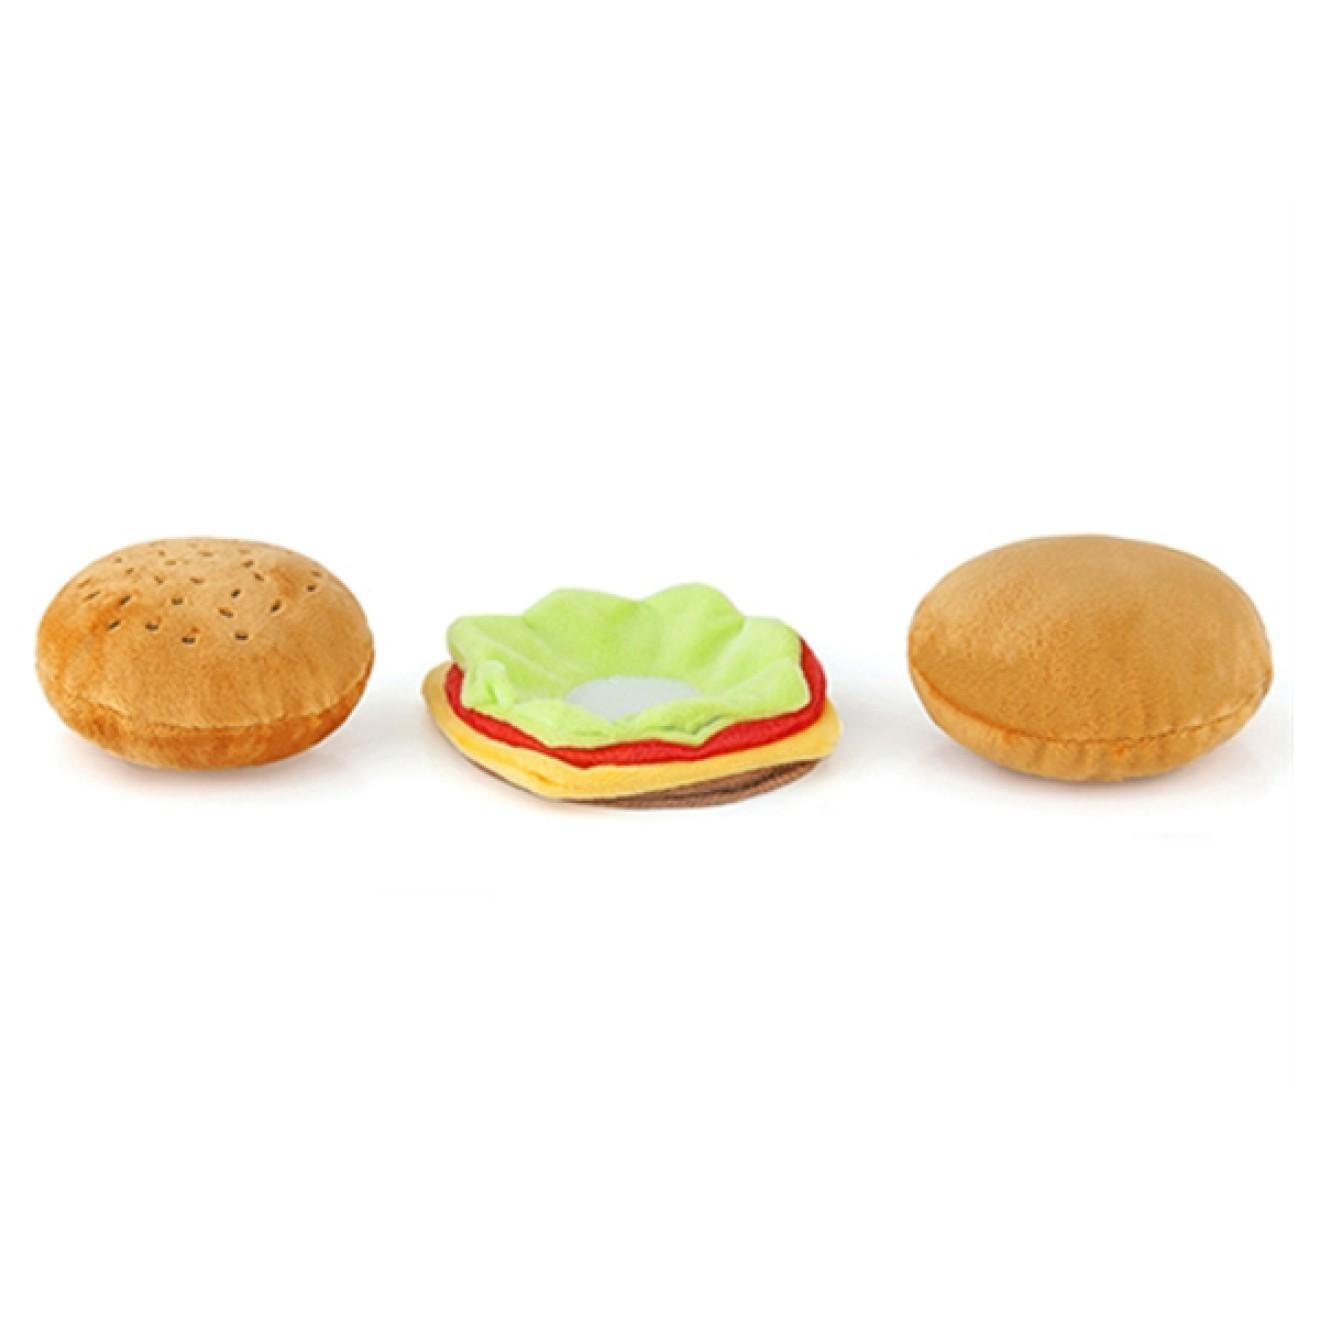 Großzügig Beispielzusammenfassung Für Fast Food Crew Fotos - Entry ...